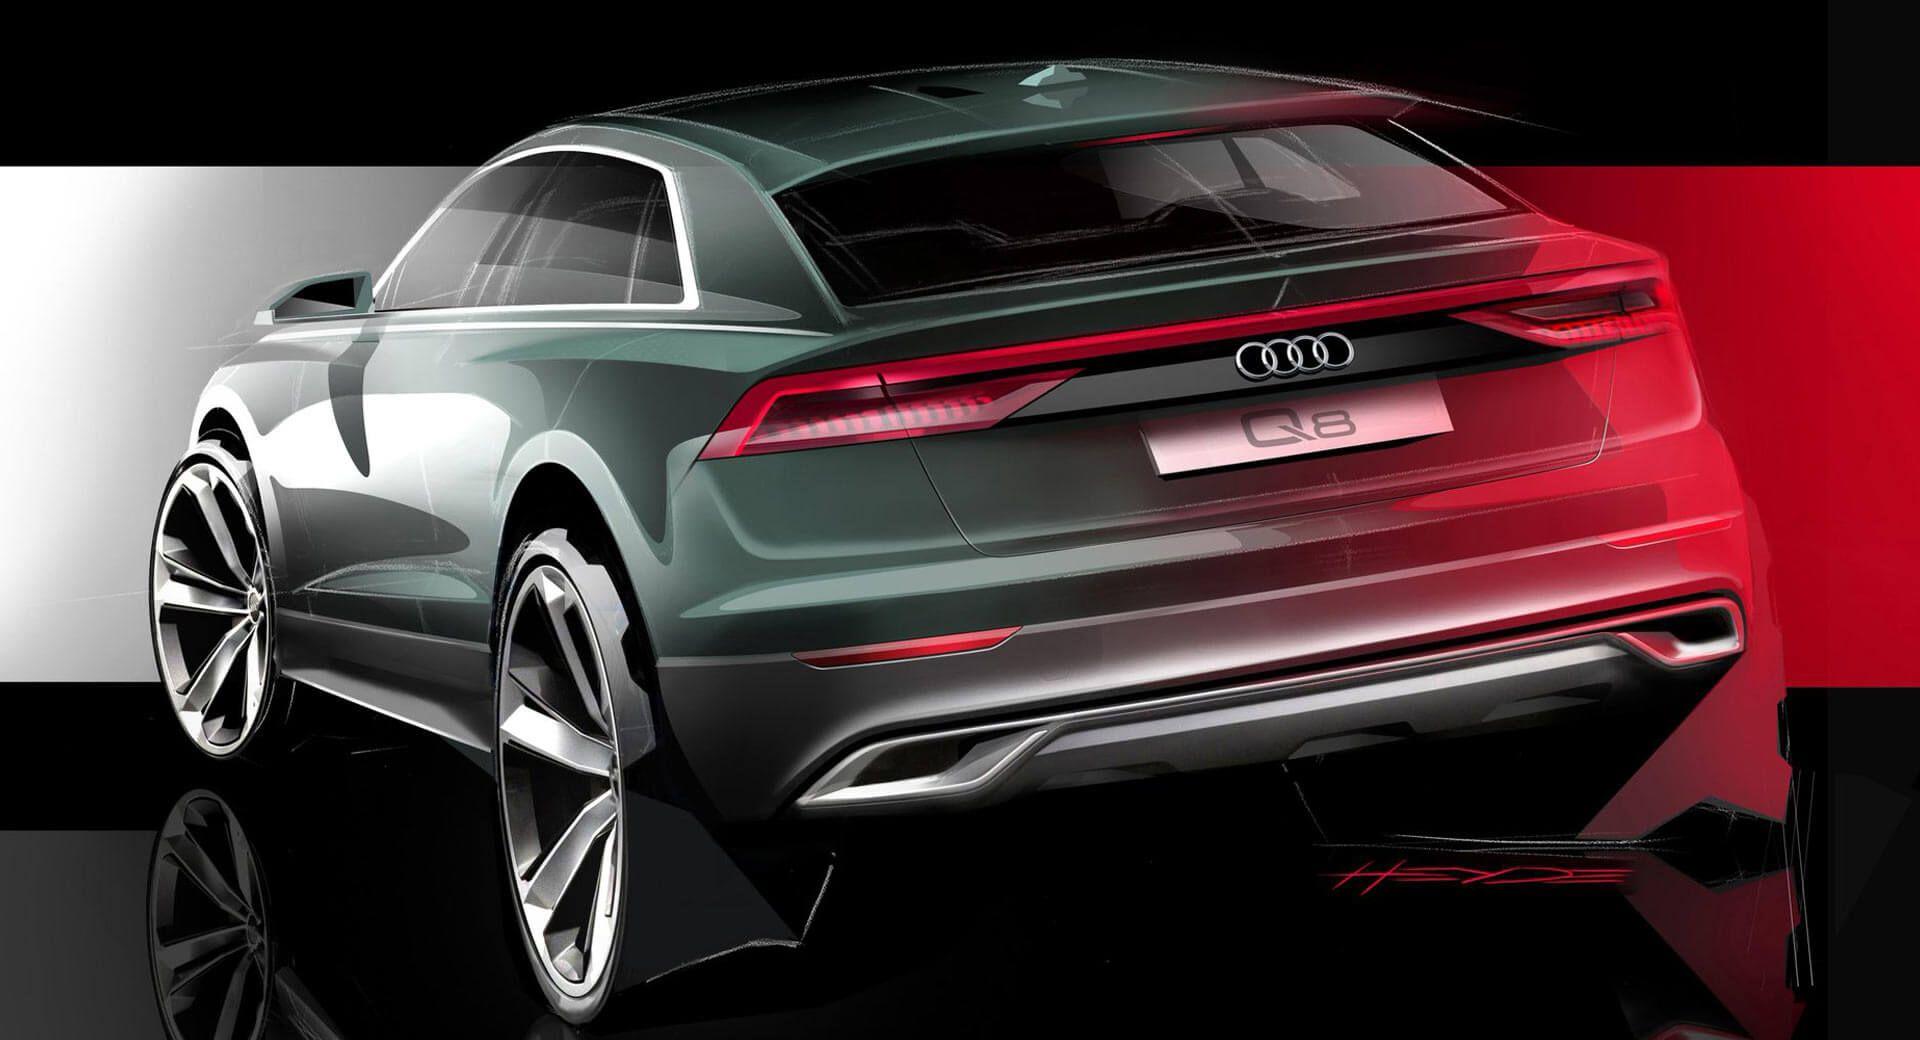 Đức: Audi Q8 2019 sẽ được giới thiệu như một bộ phim nhiều tập